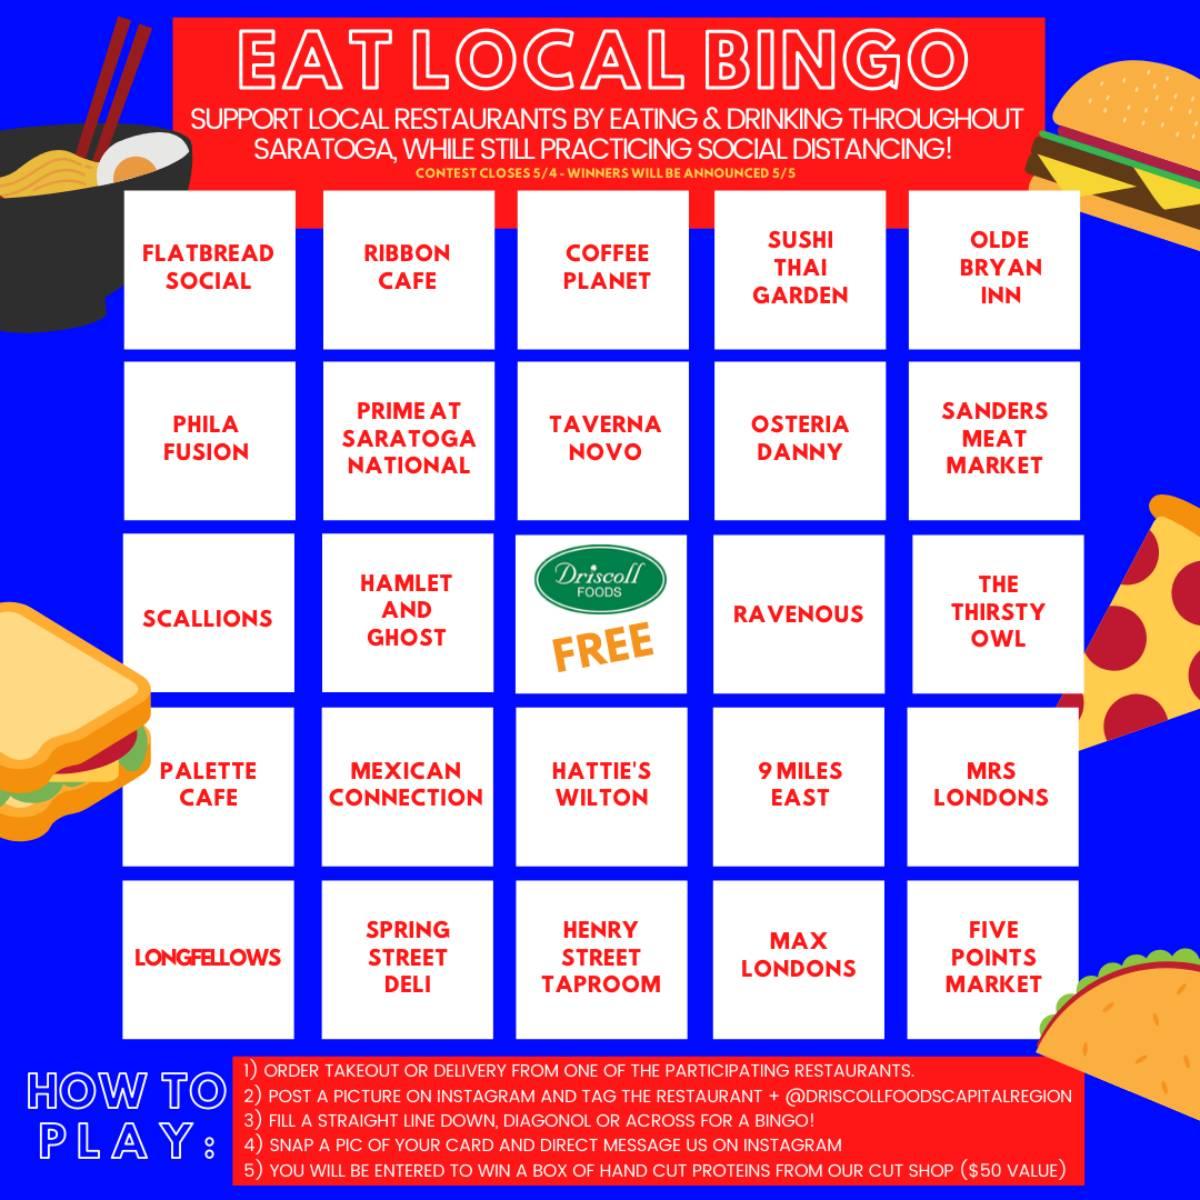 saratoga restaurant bingo sheet